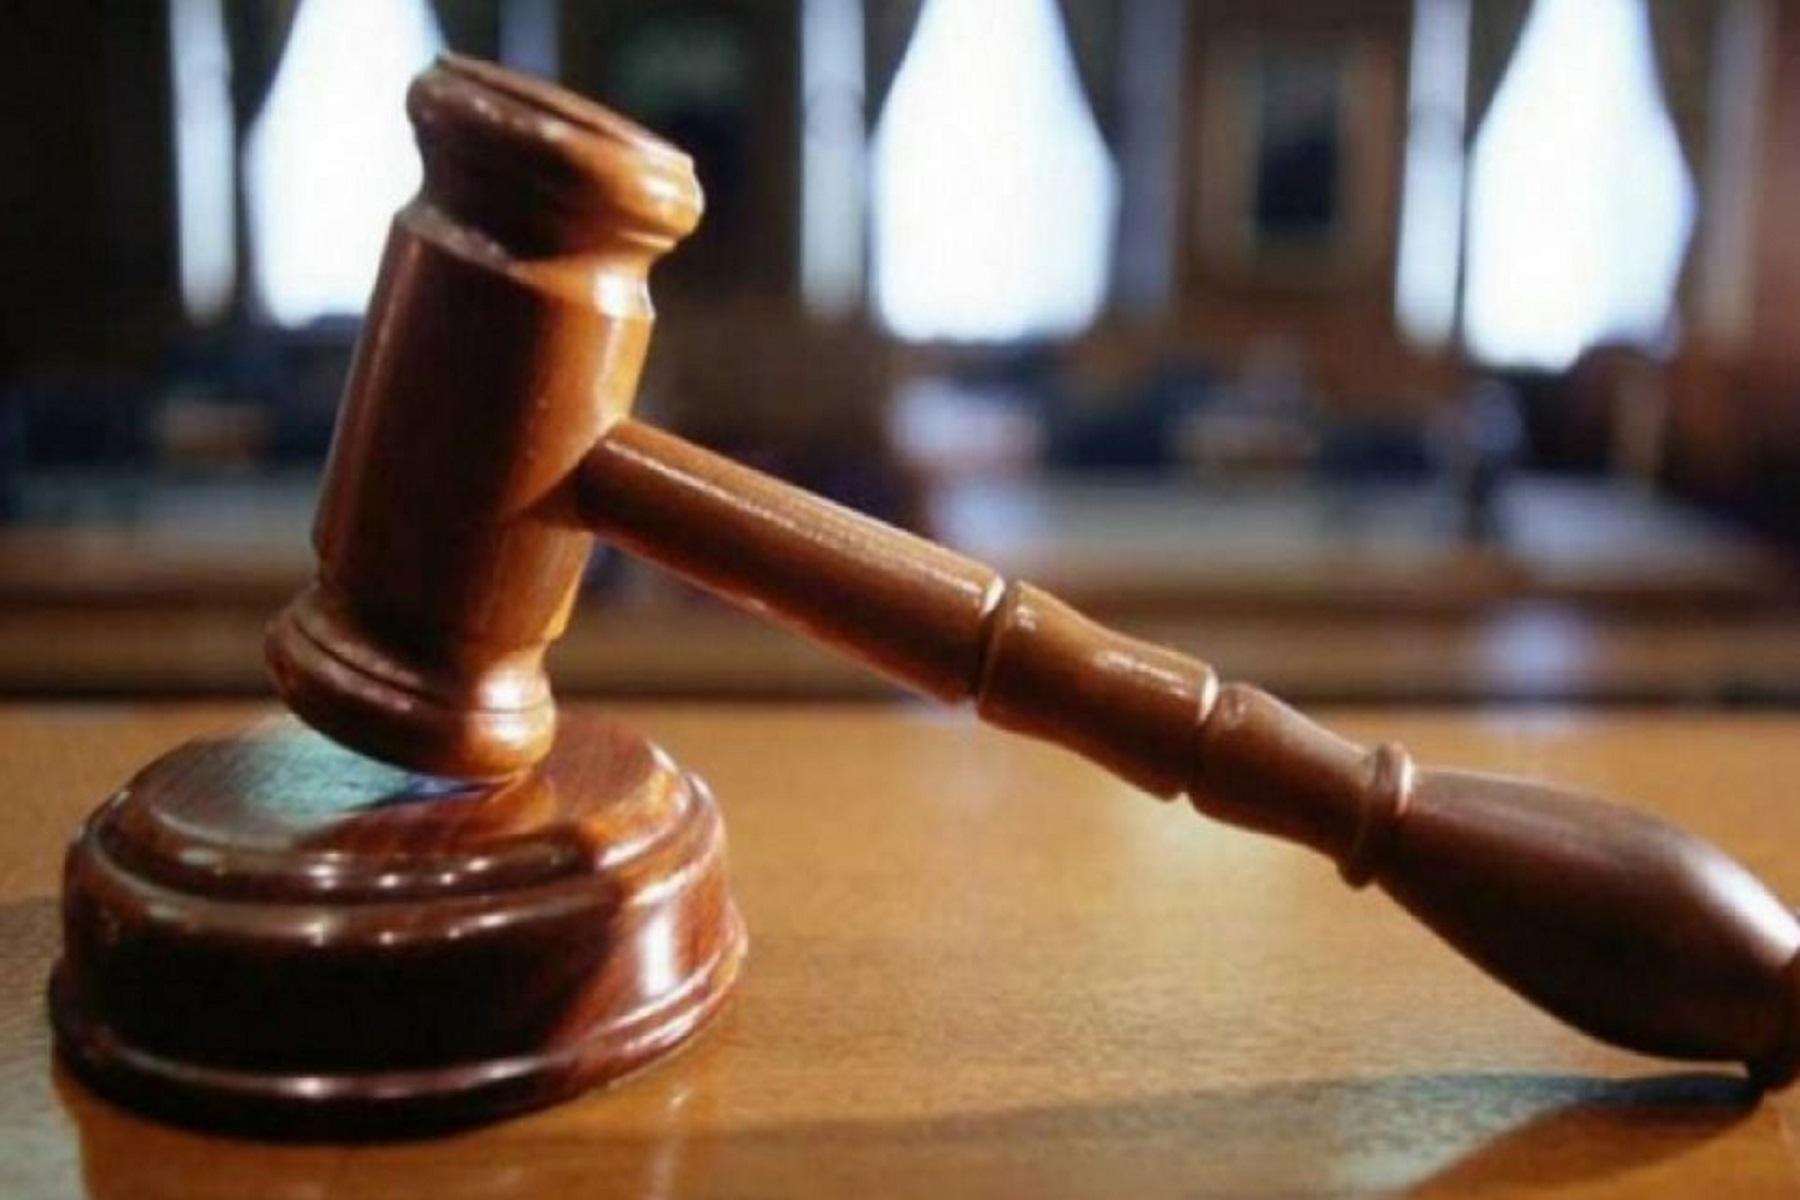 Παιδί Καρολάιν: Αναμένεται η απόφαση της Εισαγγελίας Ανηλίκων για την επιμέλεια